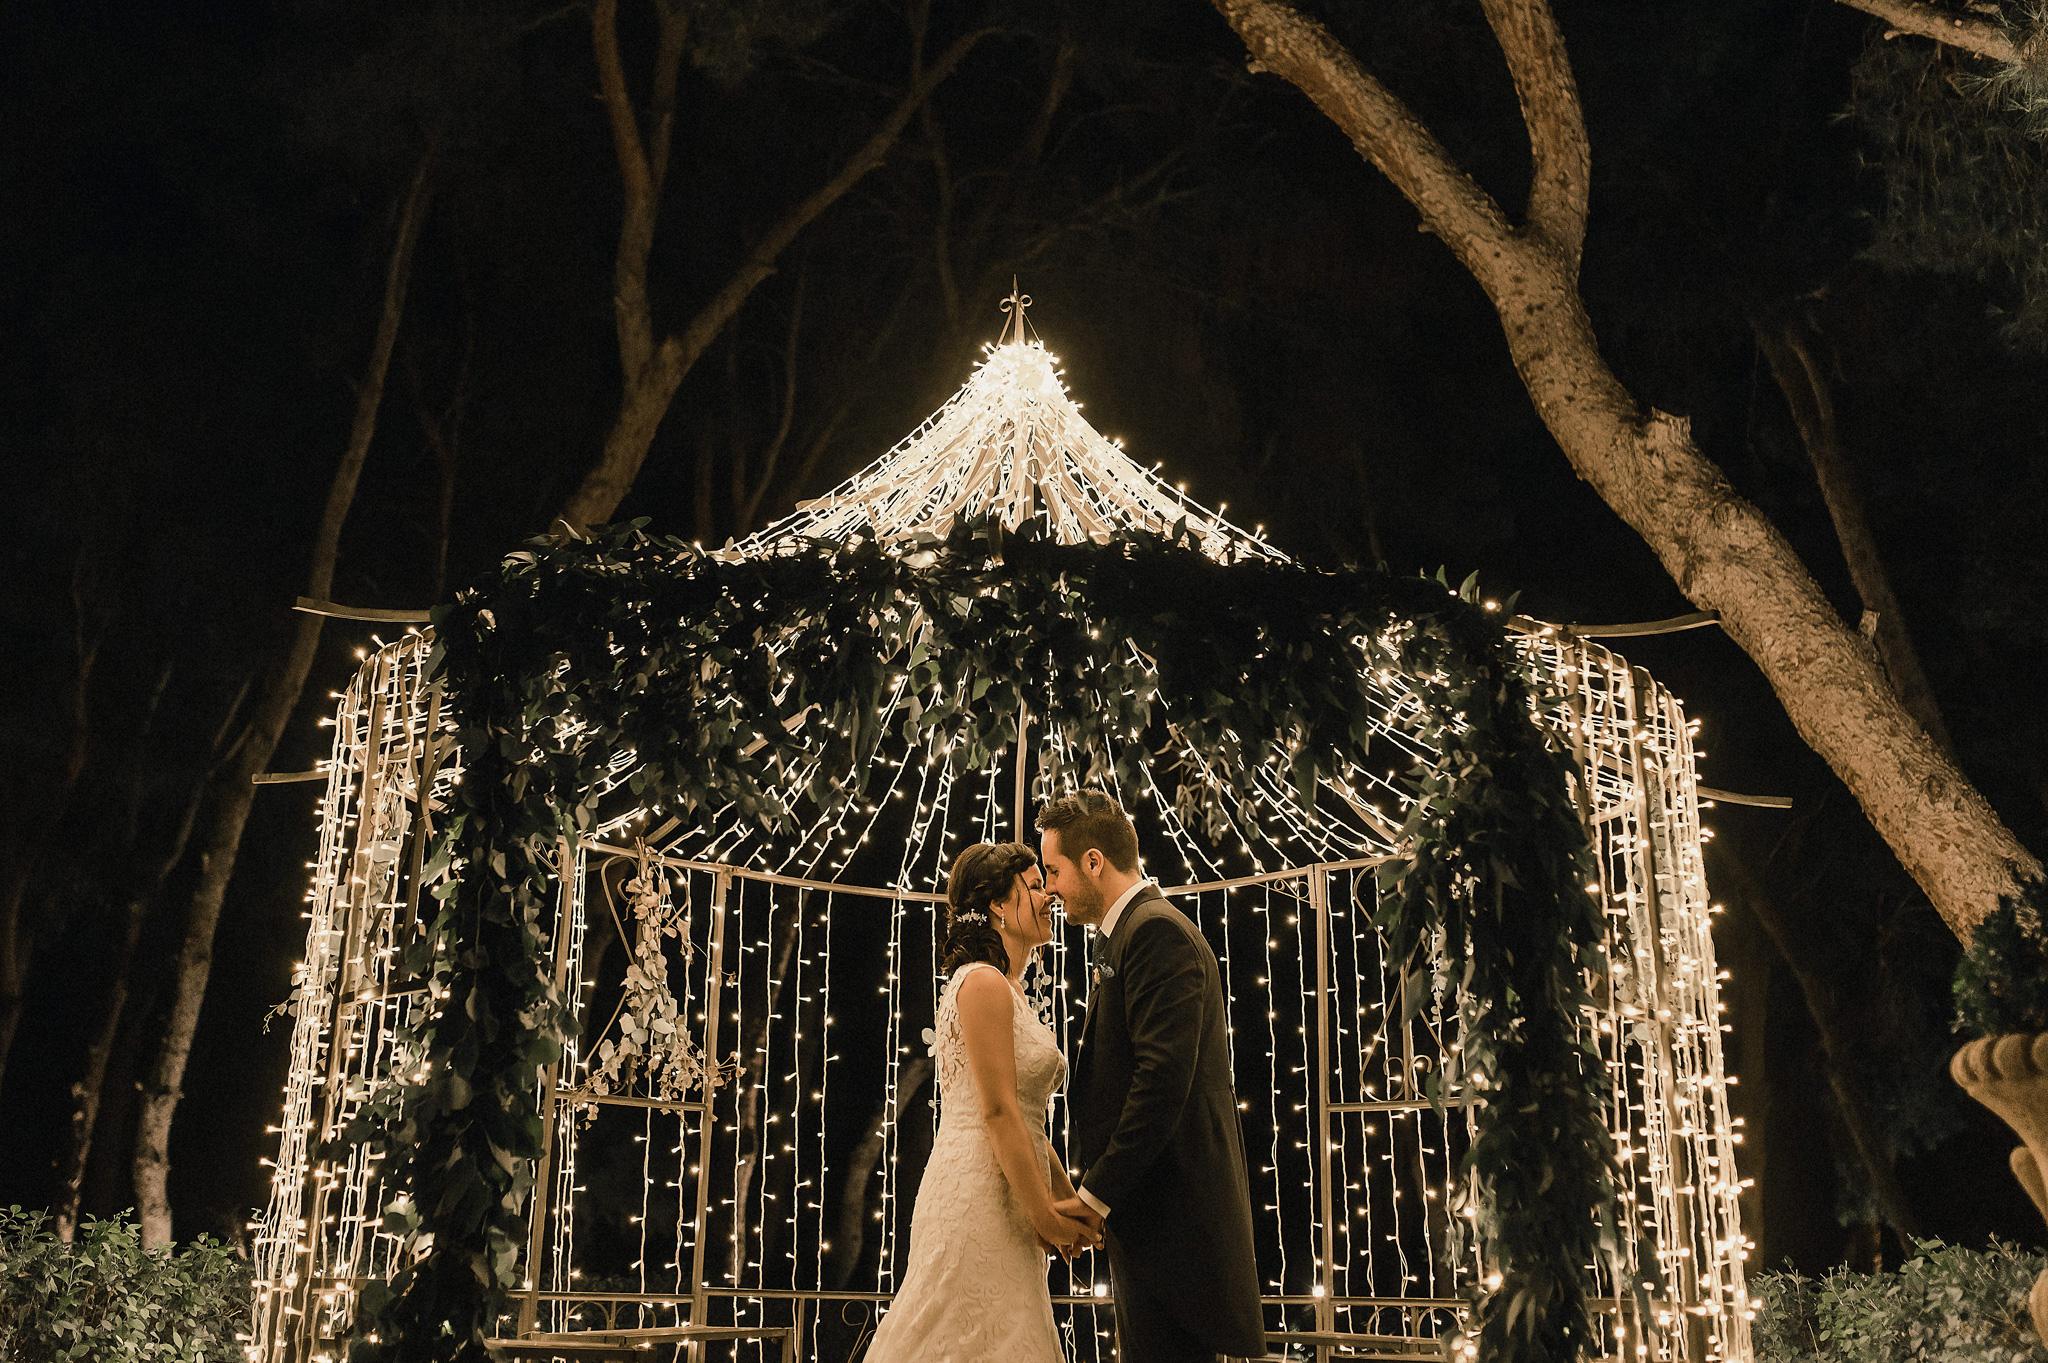 fotografia-de-boda-en-torre-bosch por Sergio Gisbert